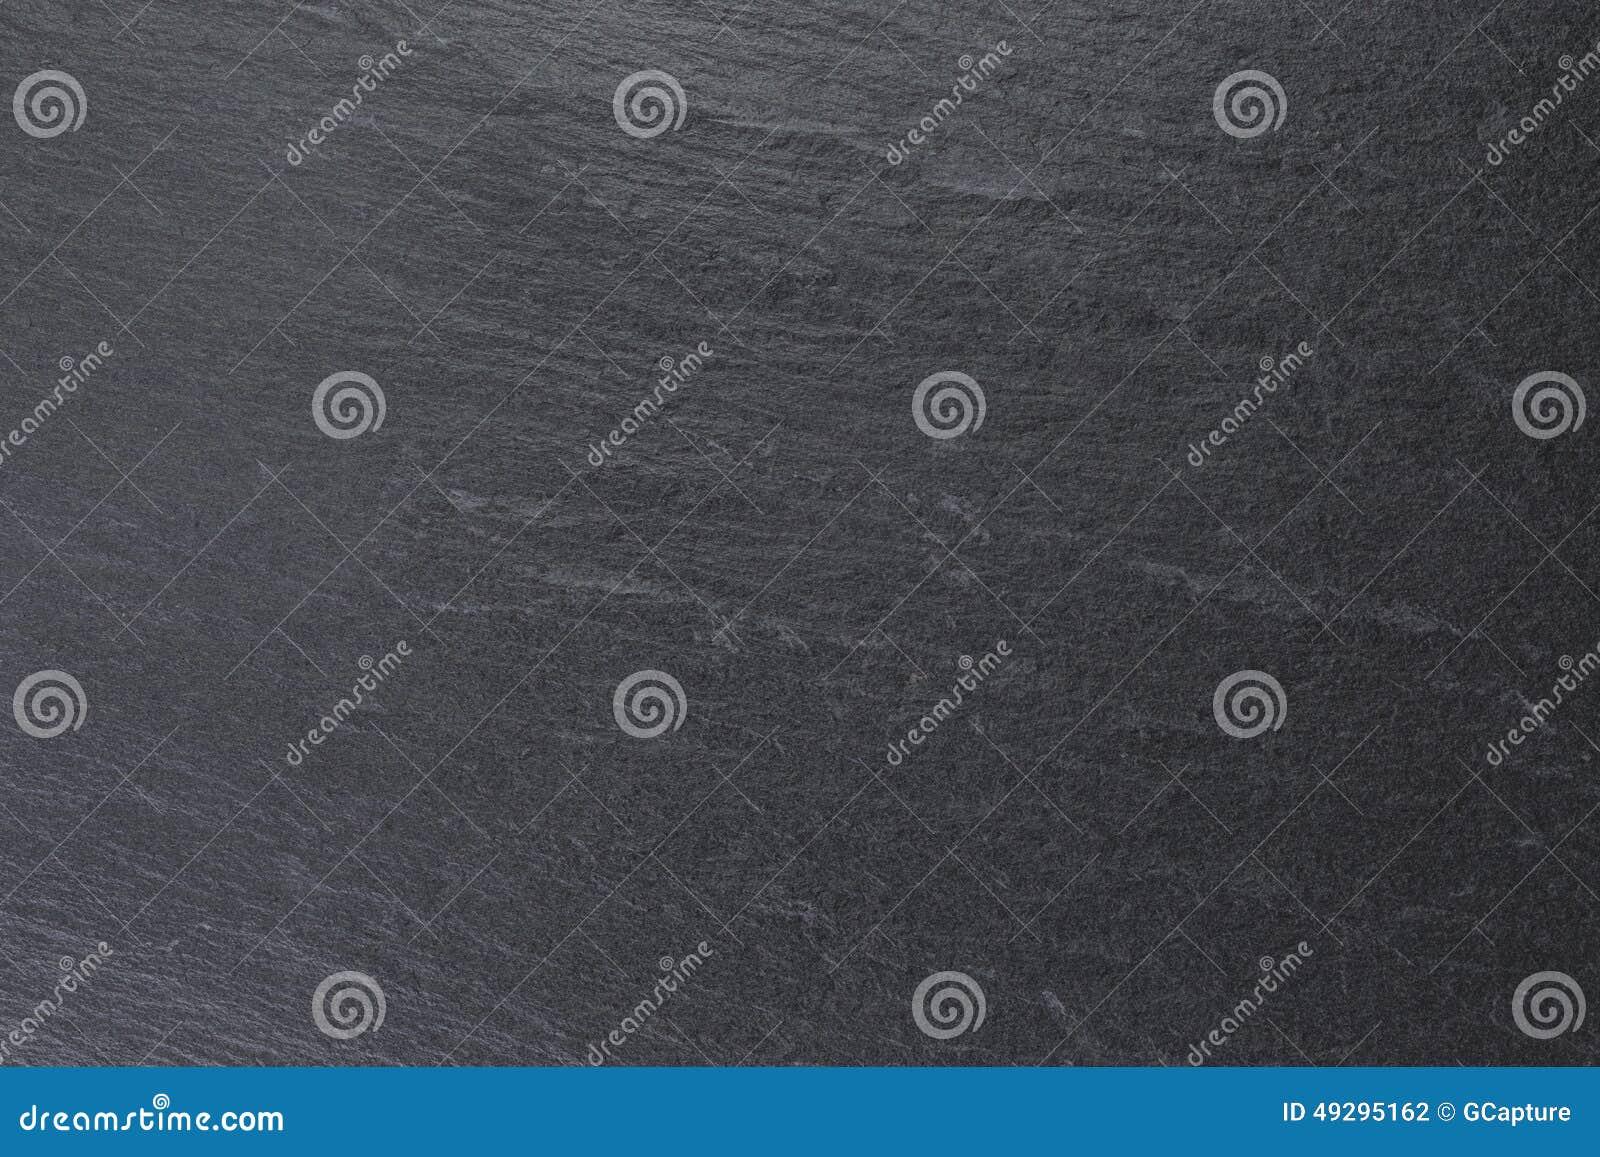 Natural black slate background